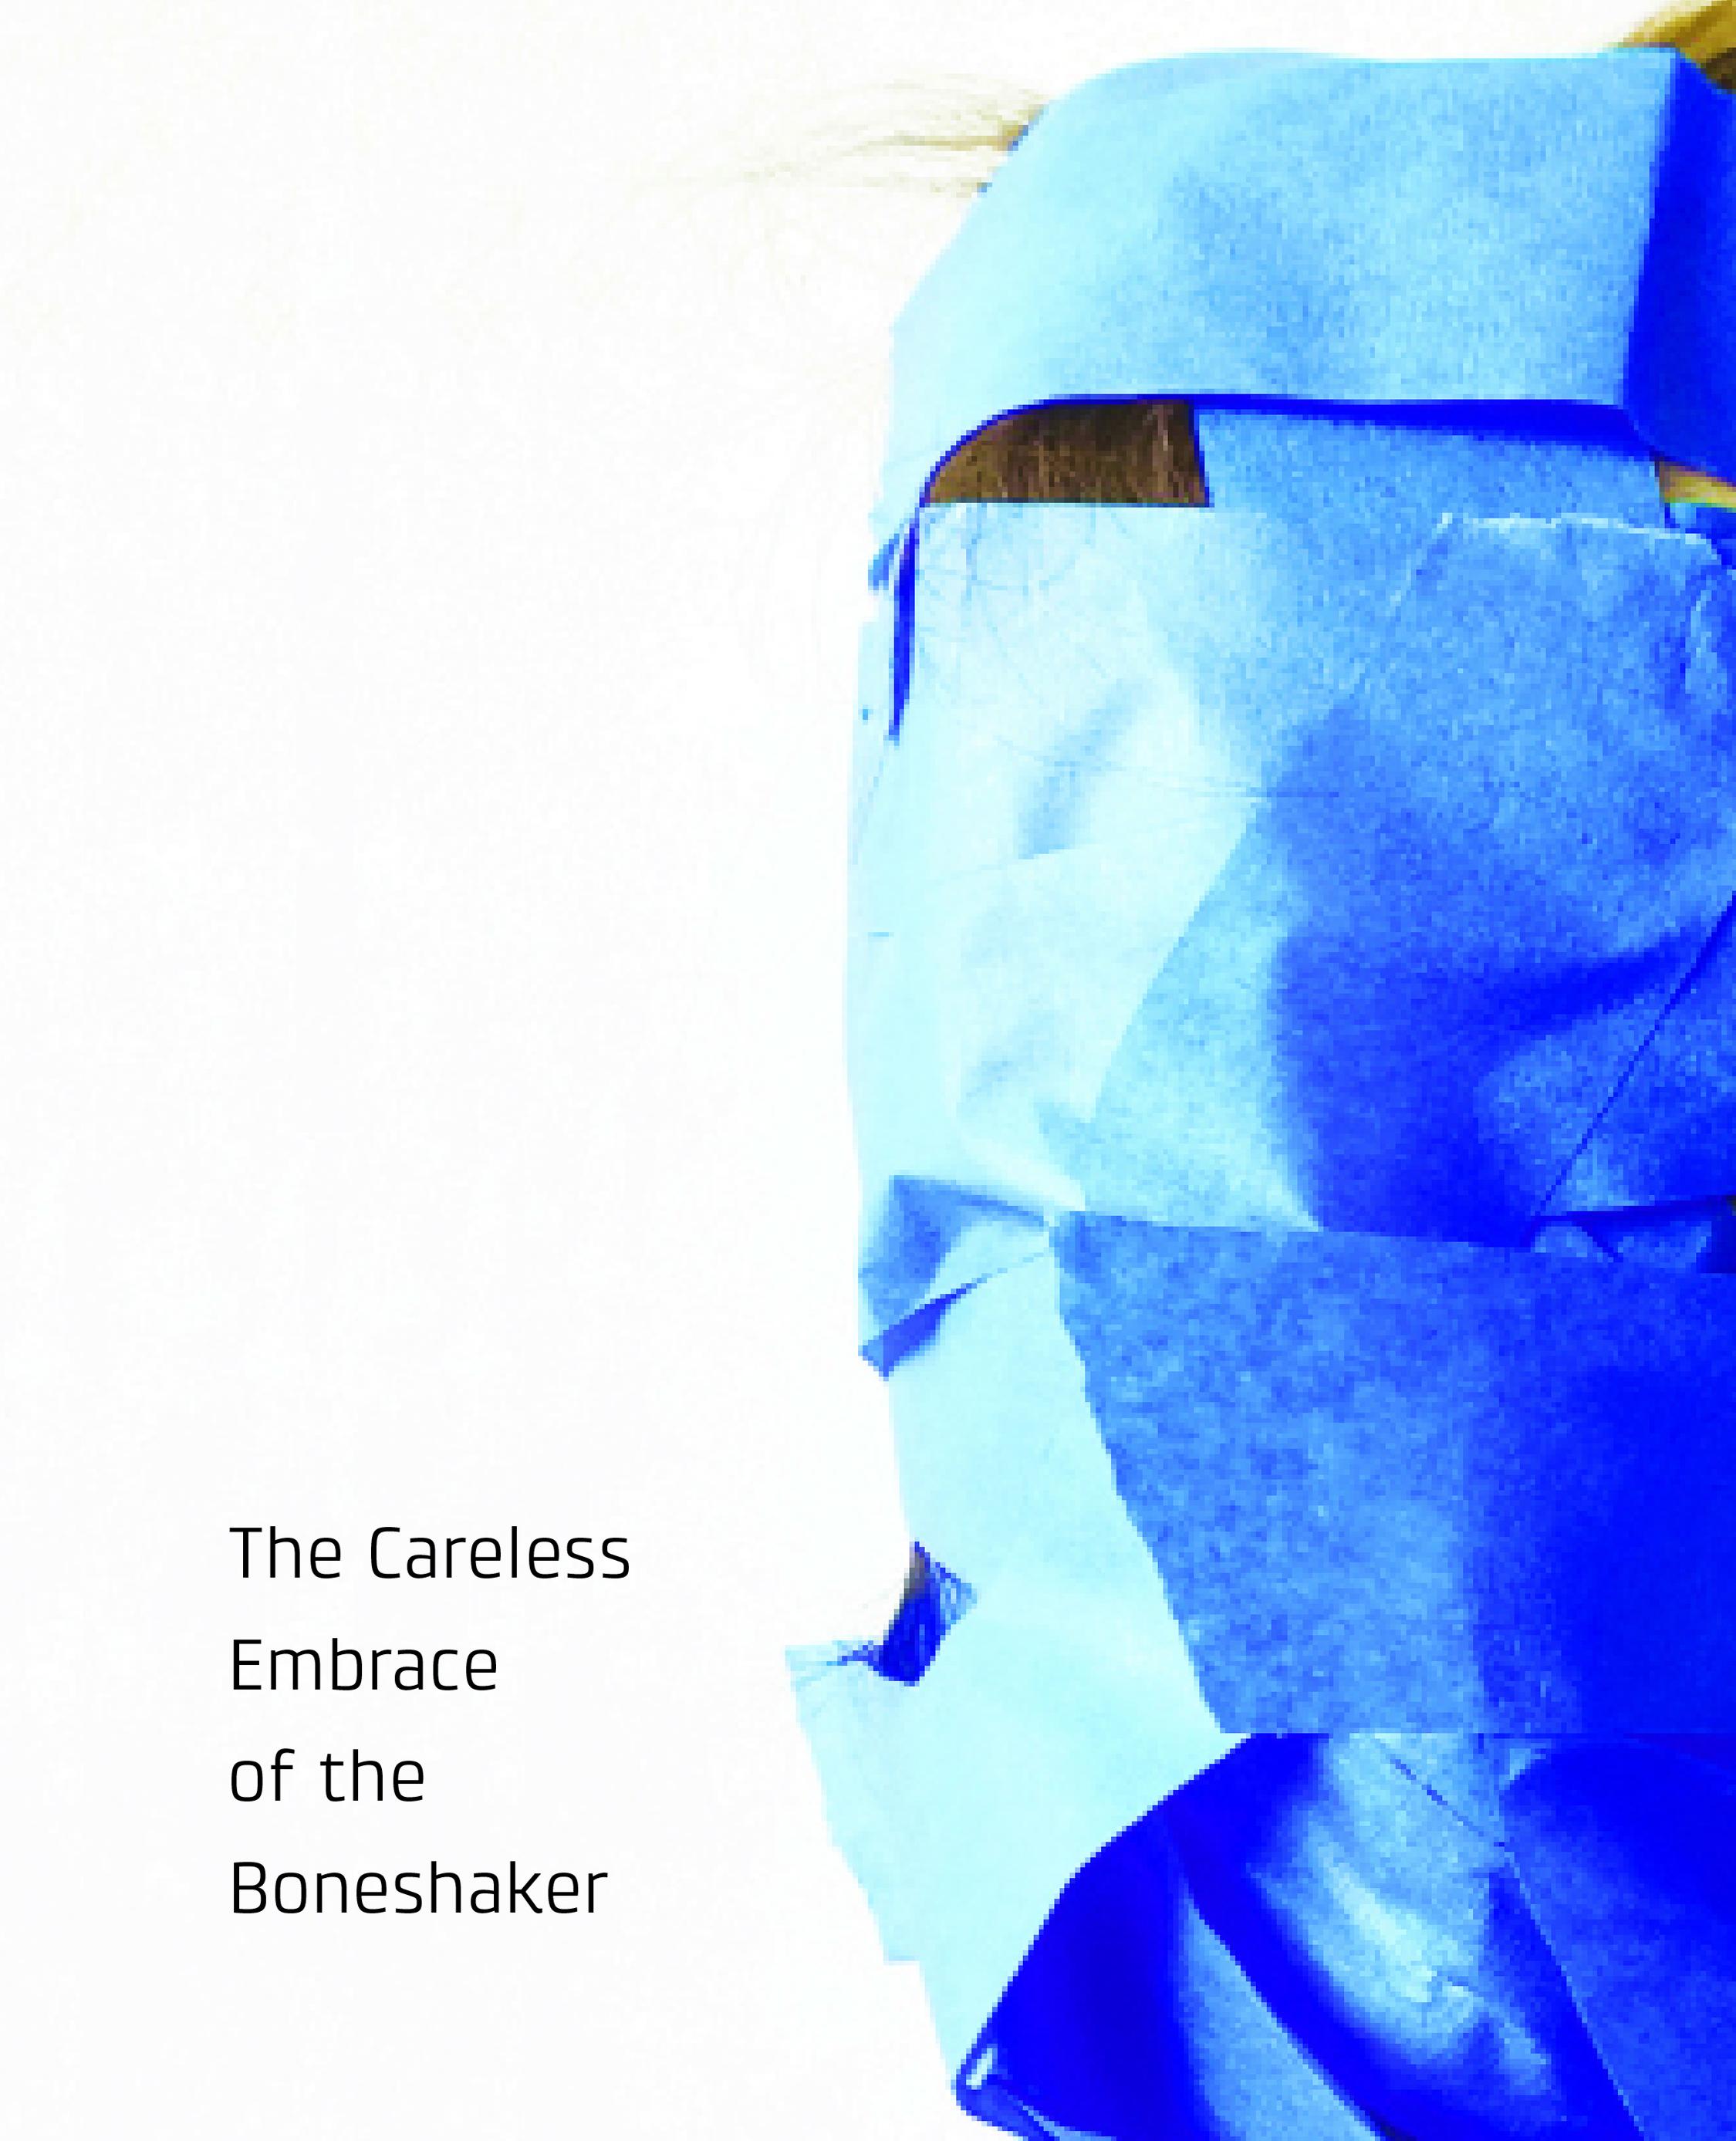 The-Careless-Embrace-of-the-Boneshaker-front-cover-1.jpg